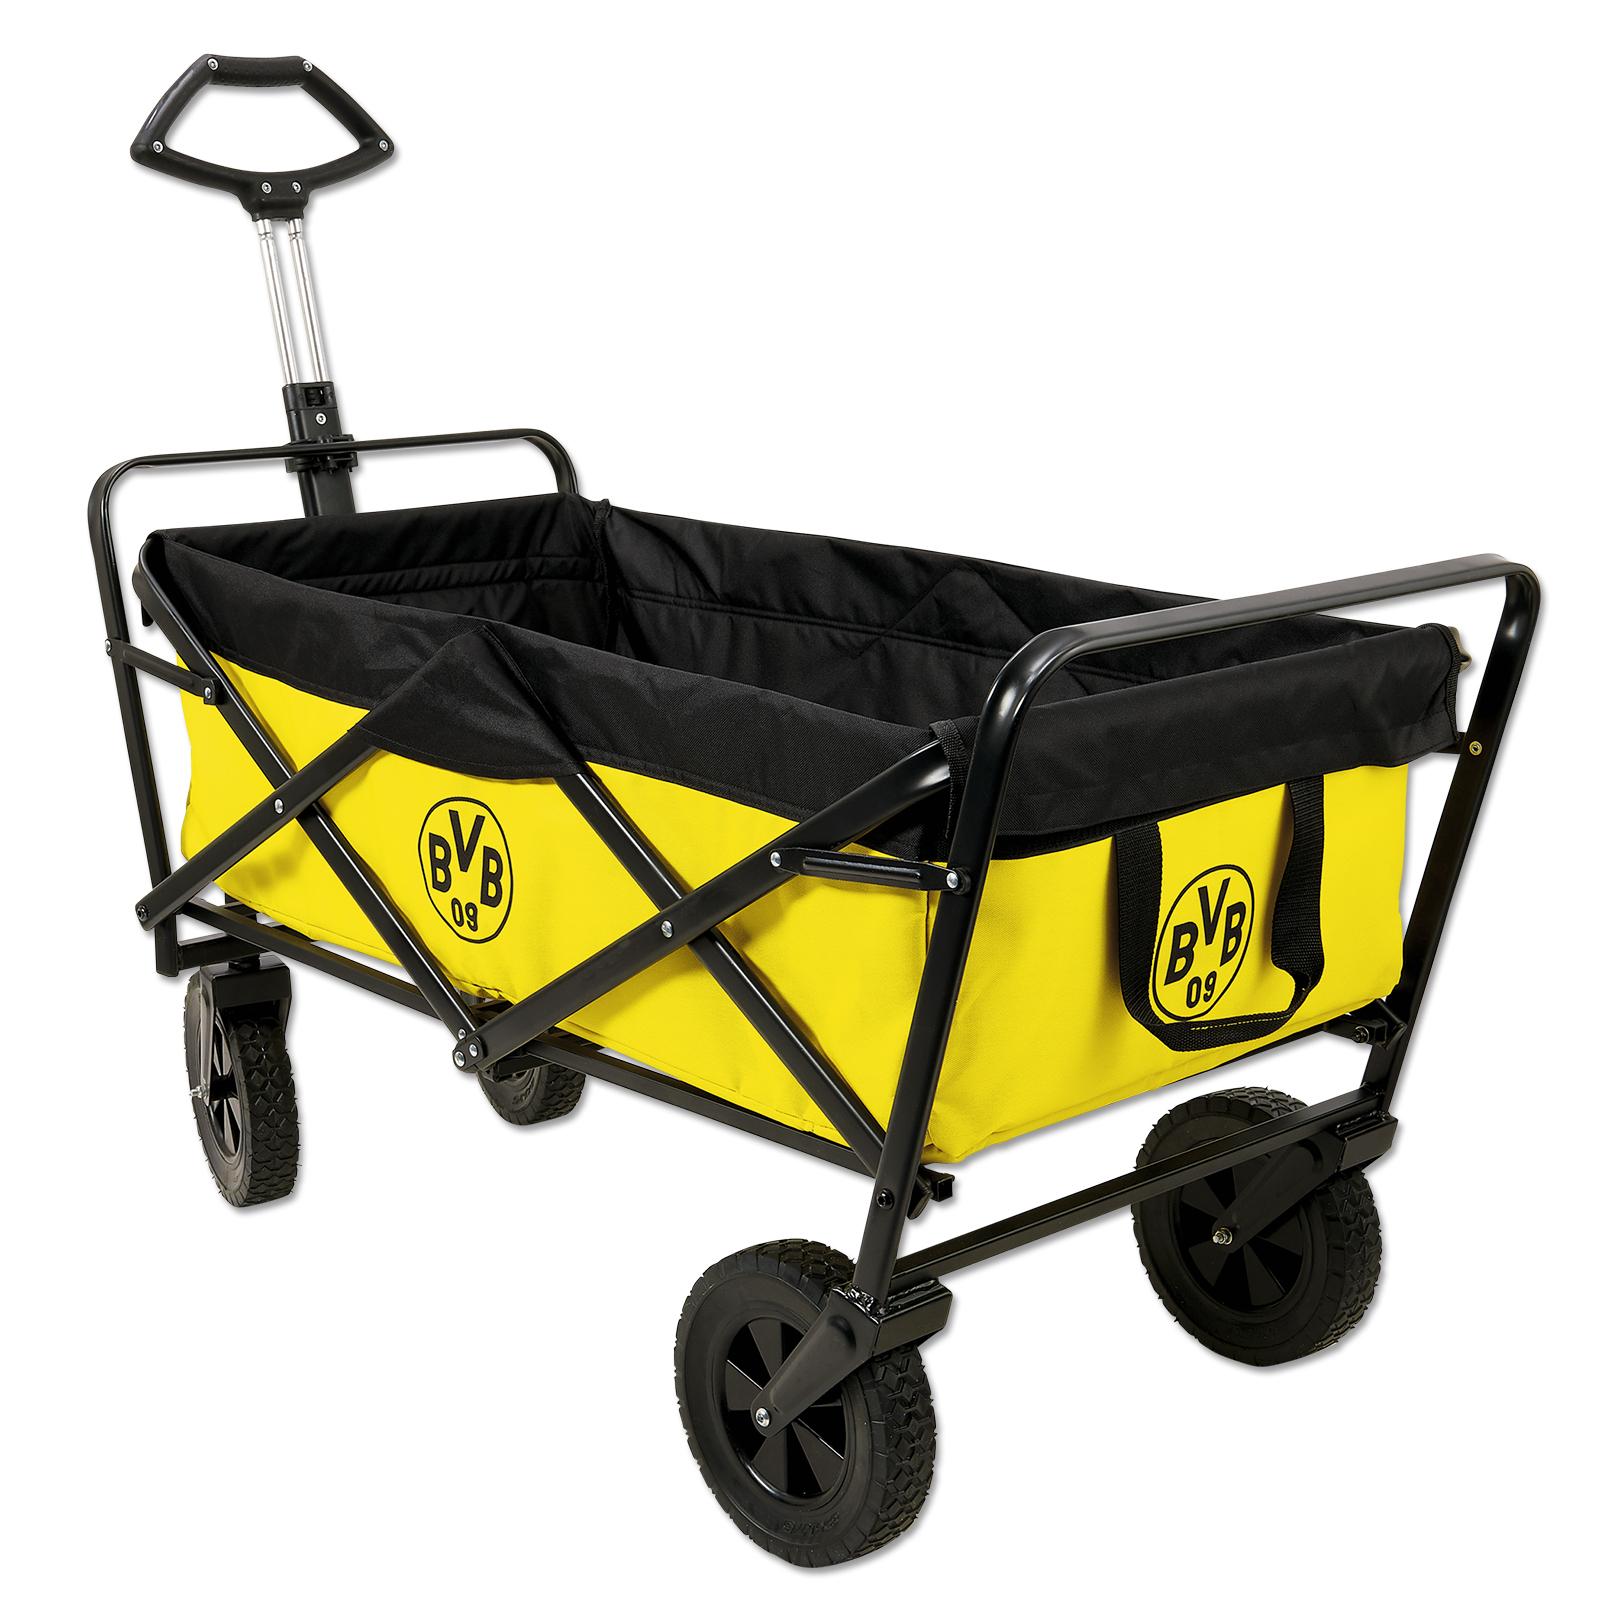 BVB Borussia Dortmund Bollerwagen für 29,99€ + weitere Sachen @ BVB Shop